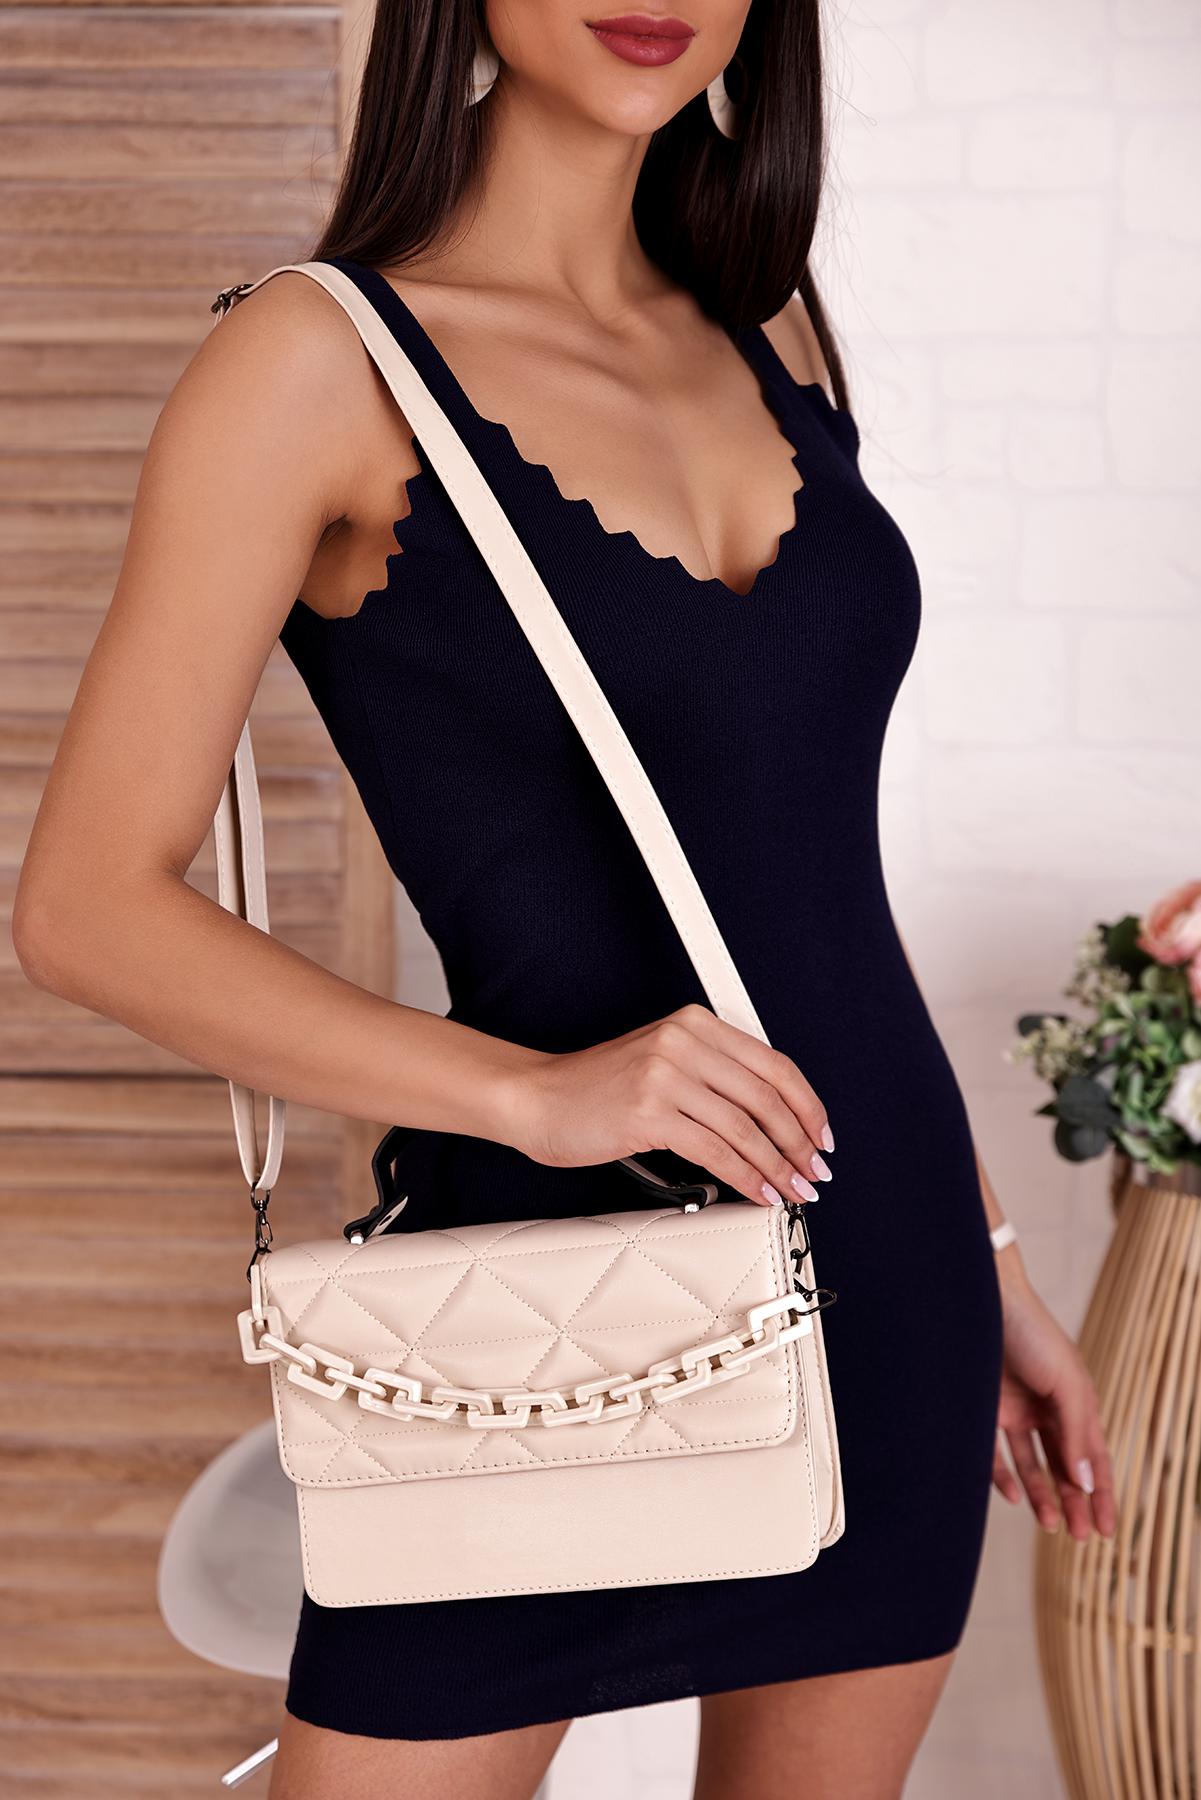 γυναικεία τσάντα VERTENA ECRU - 1